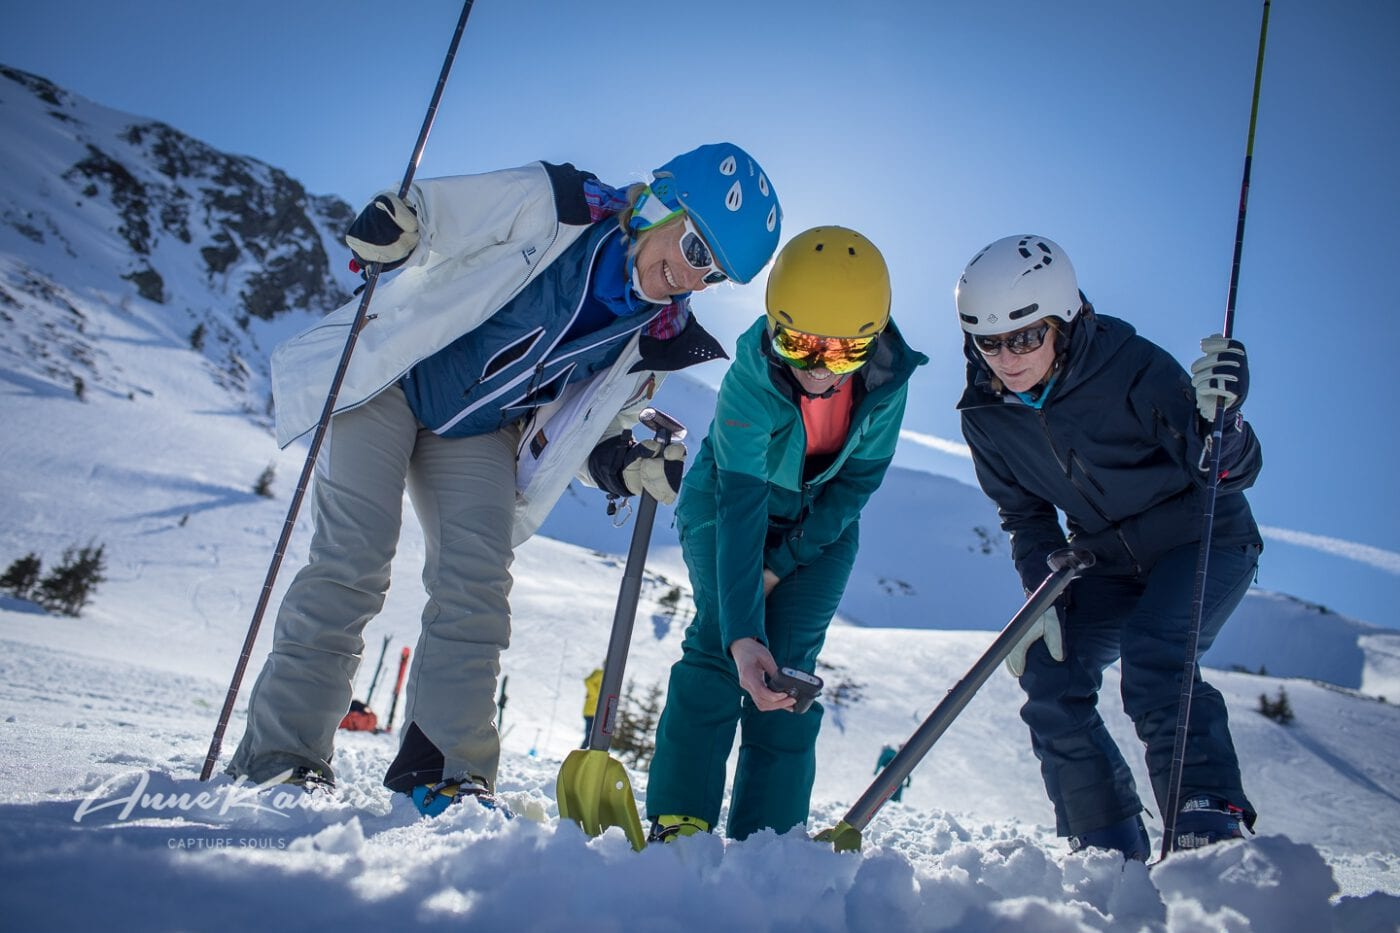 Wintersport nur für Frauen: Das Women's Winter Camp